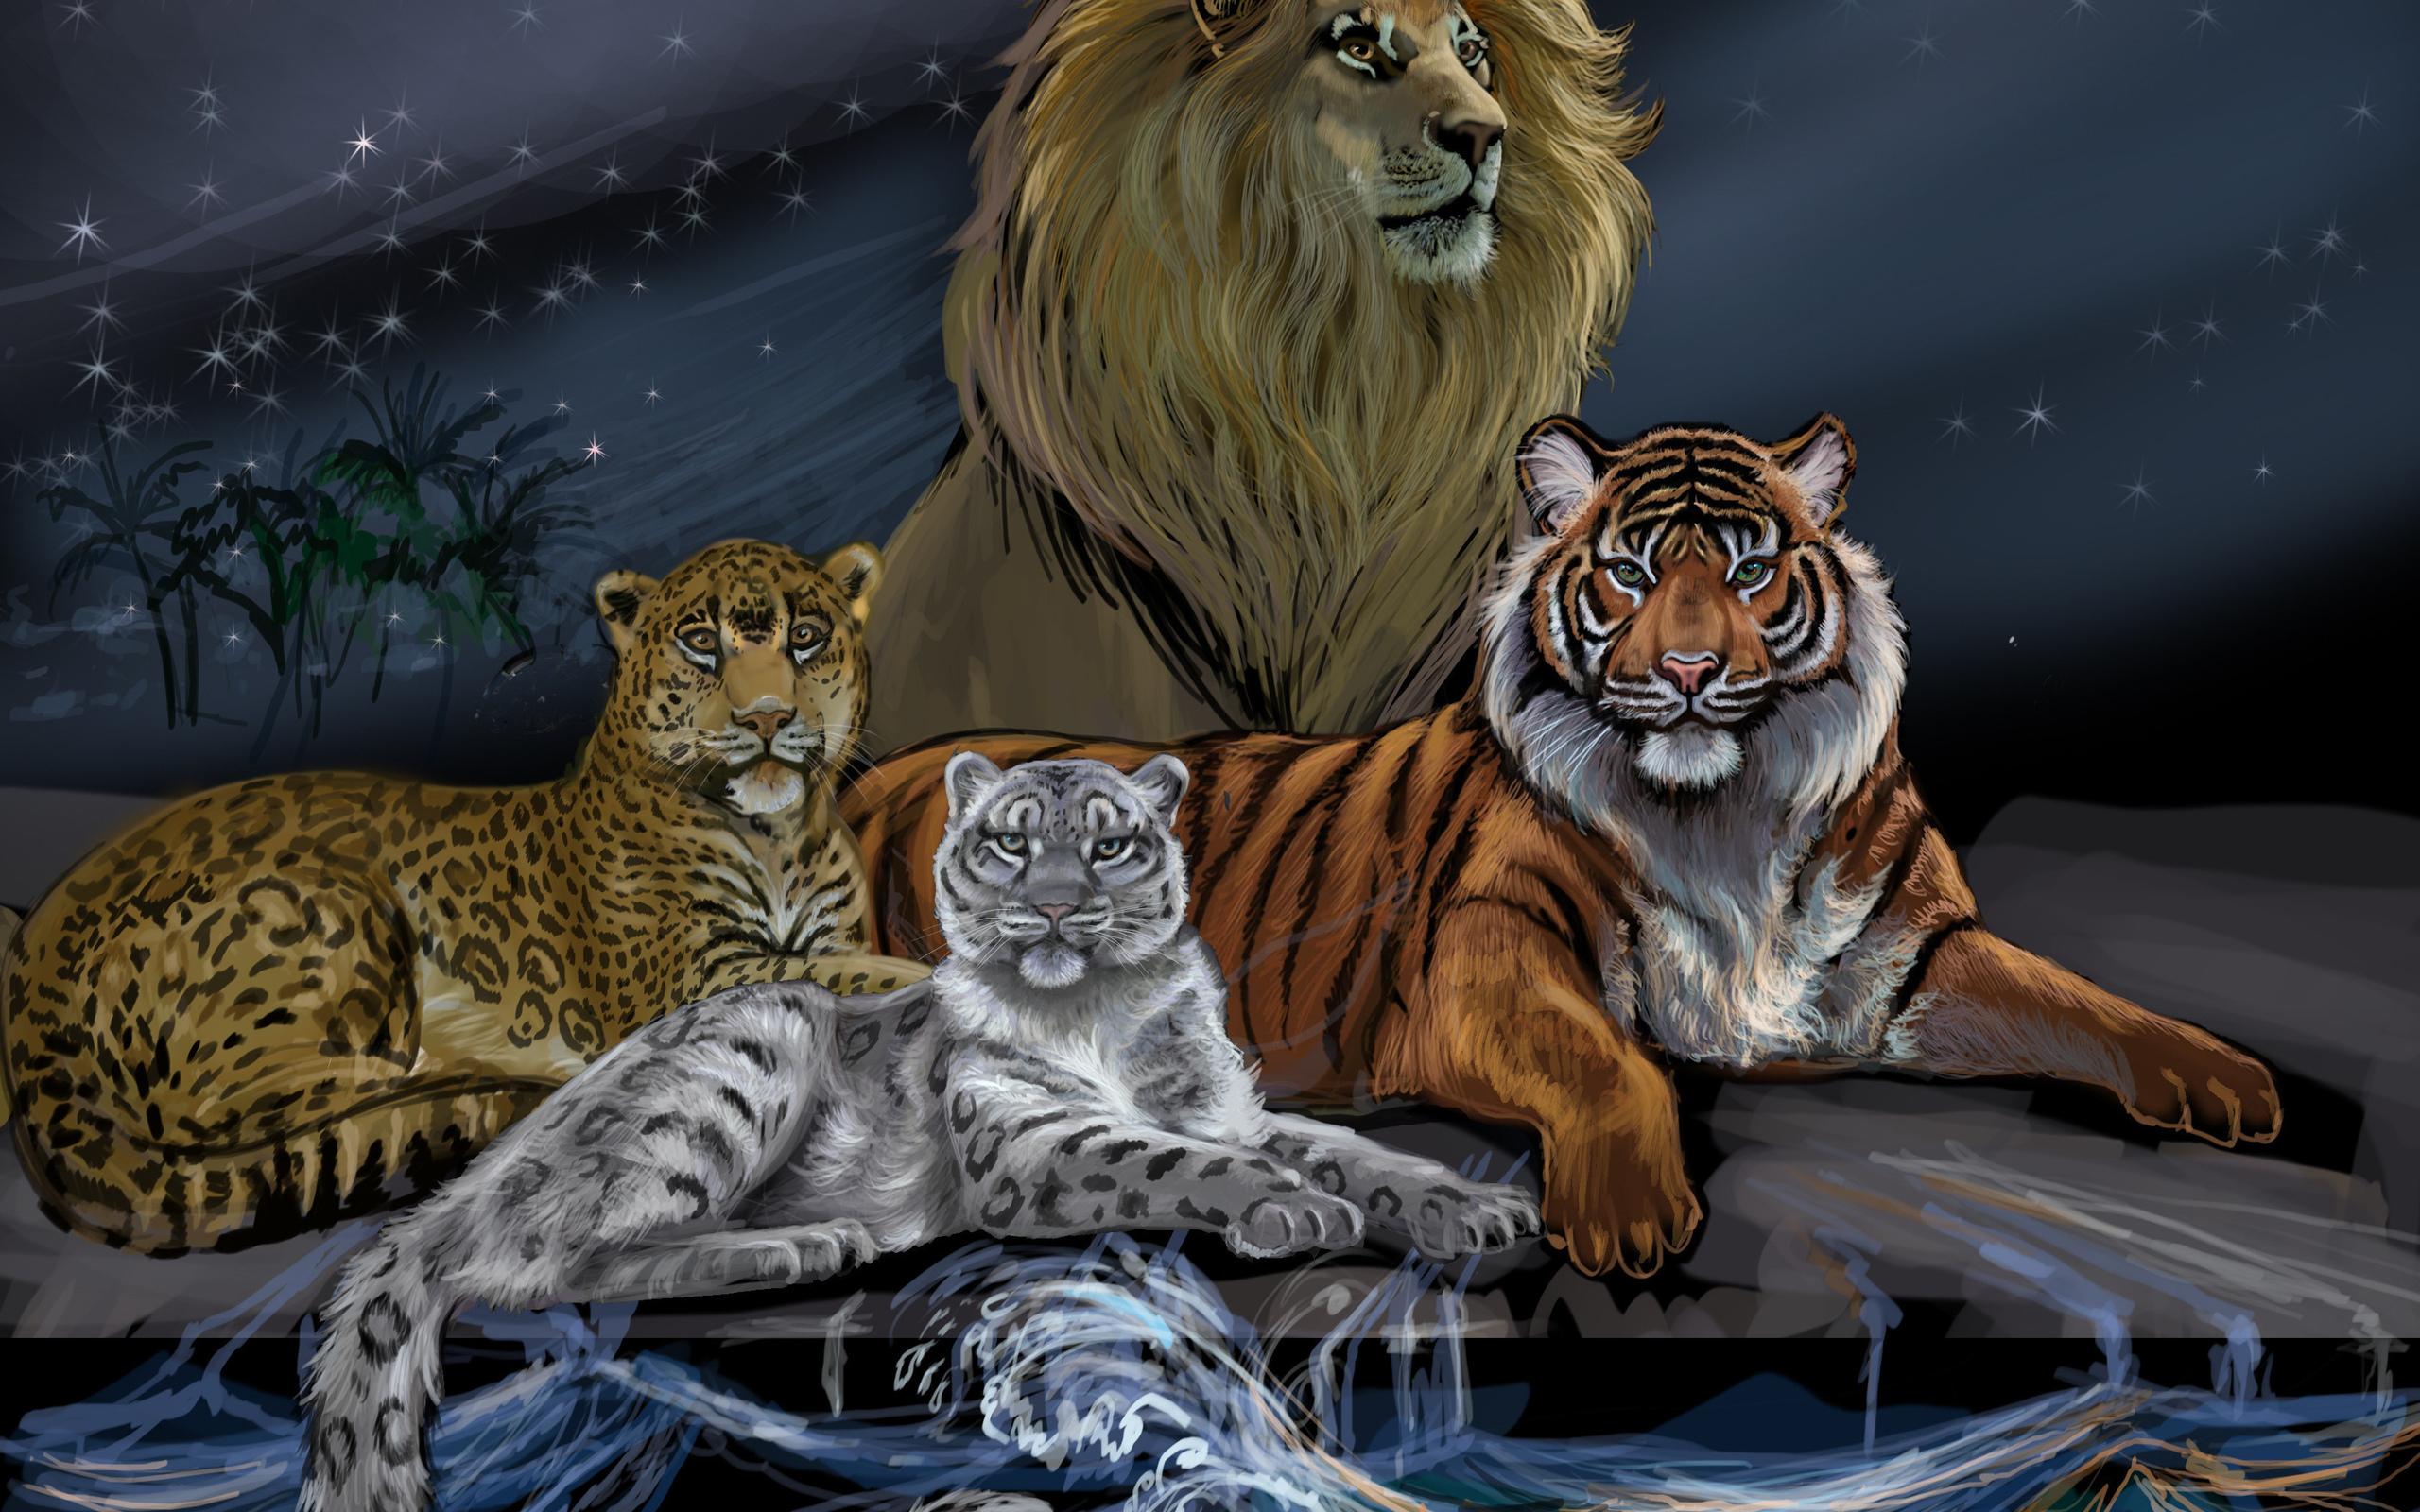 тигры львы рысь картинки бытовых домашних вакууматоров